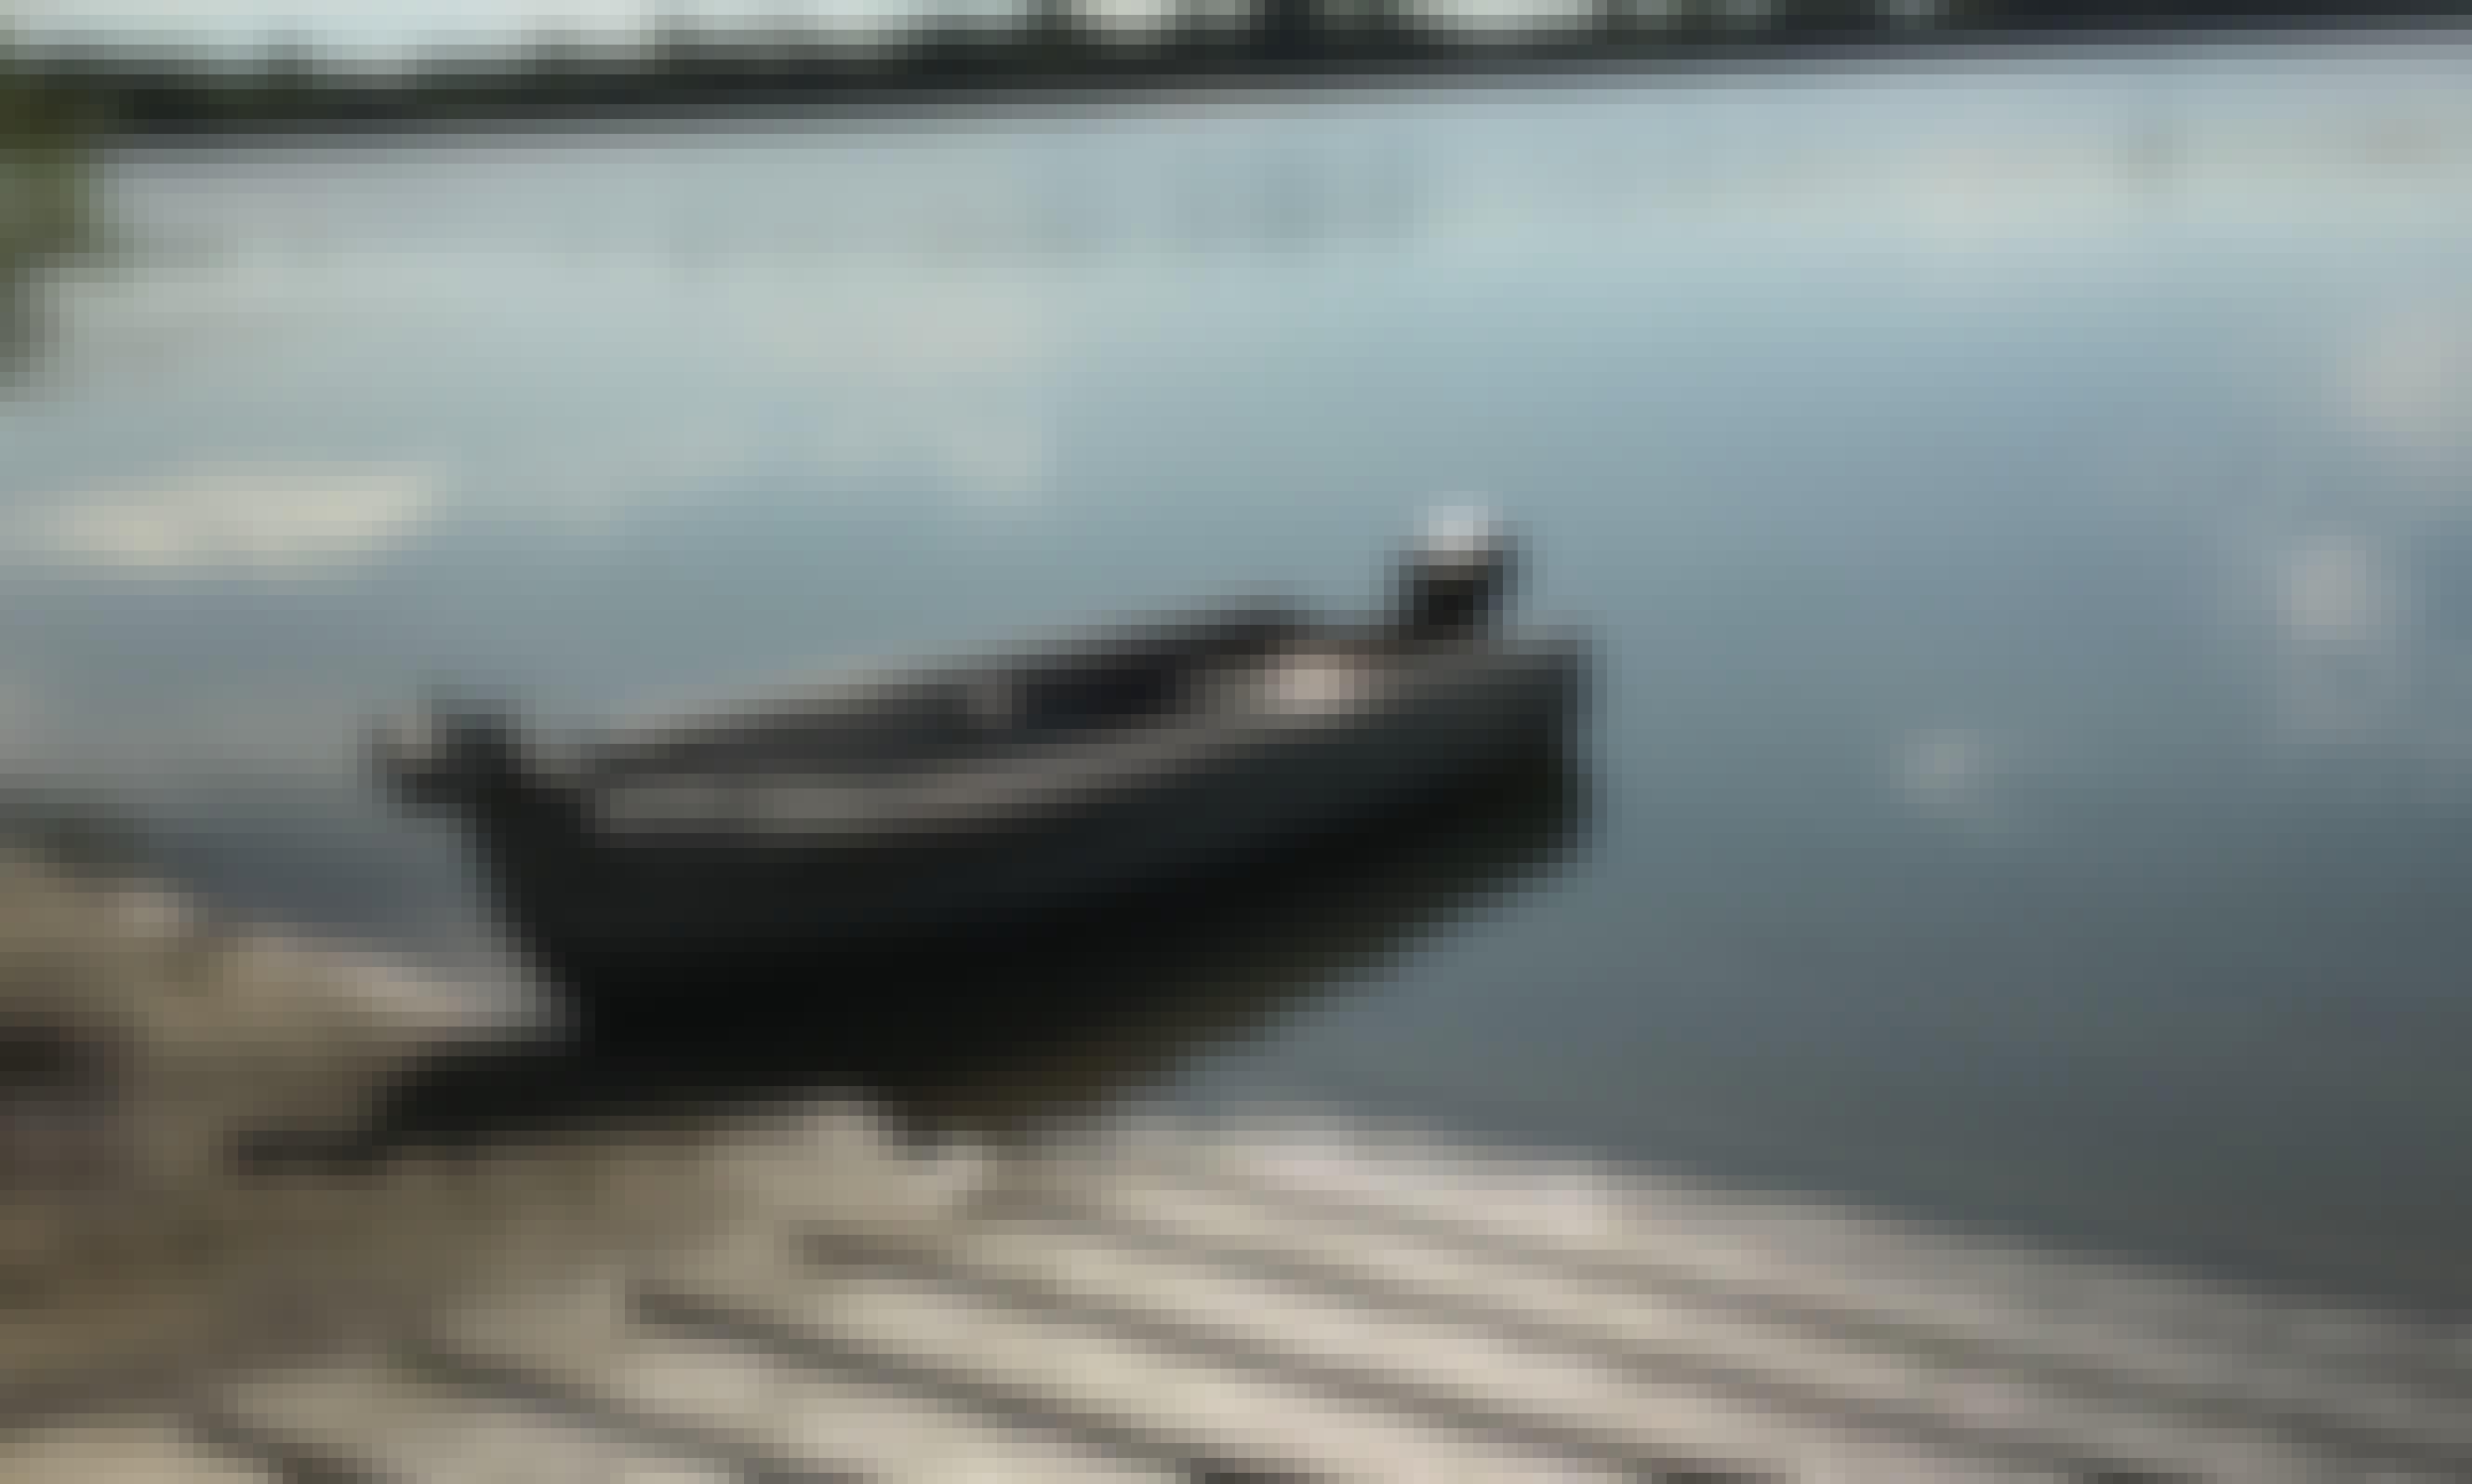 Fishing Boat Rental on White Bear Lake, Minnesota - 14ft Alumacraft Boat for 3 Angler!